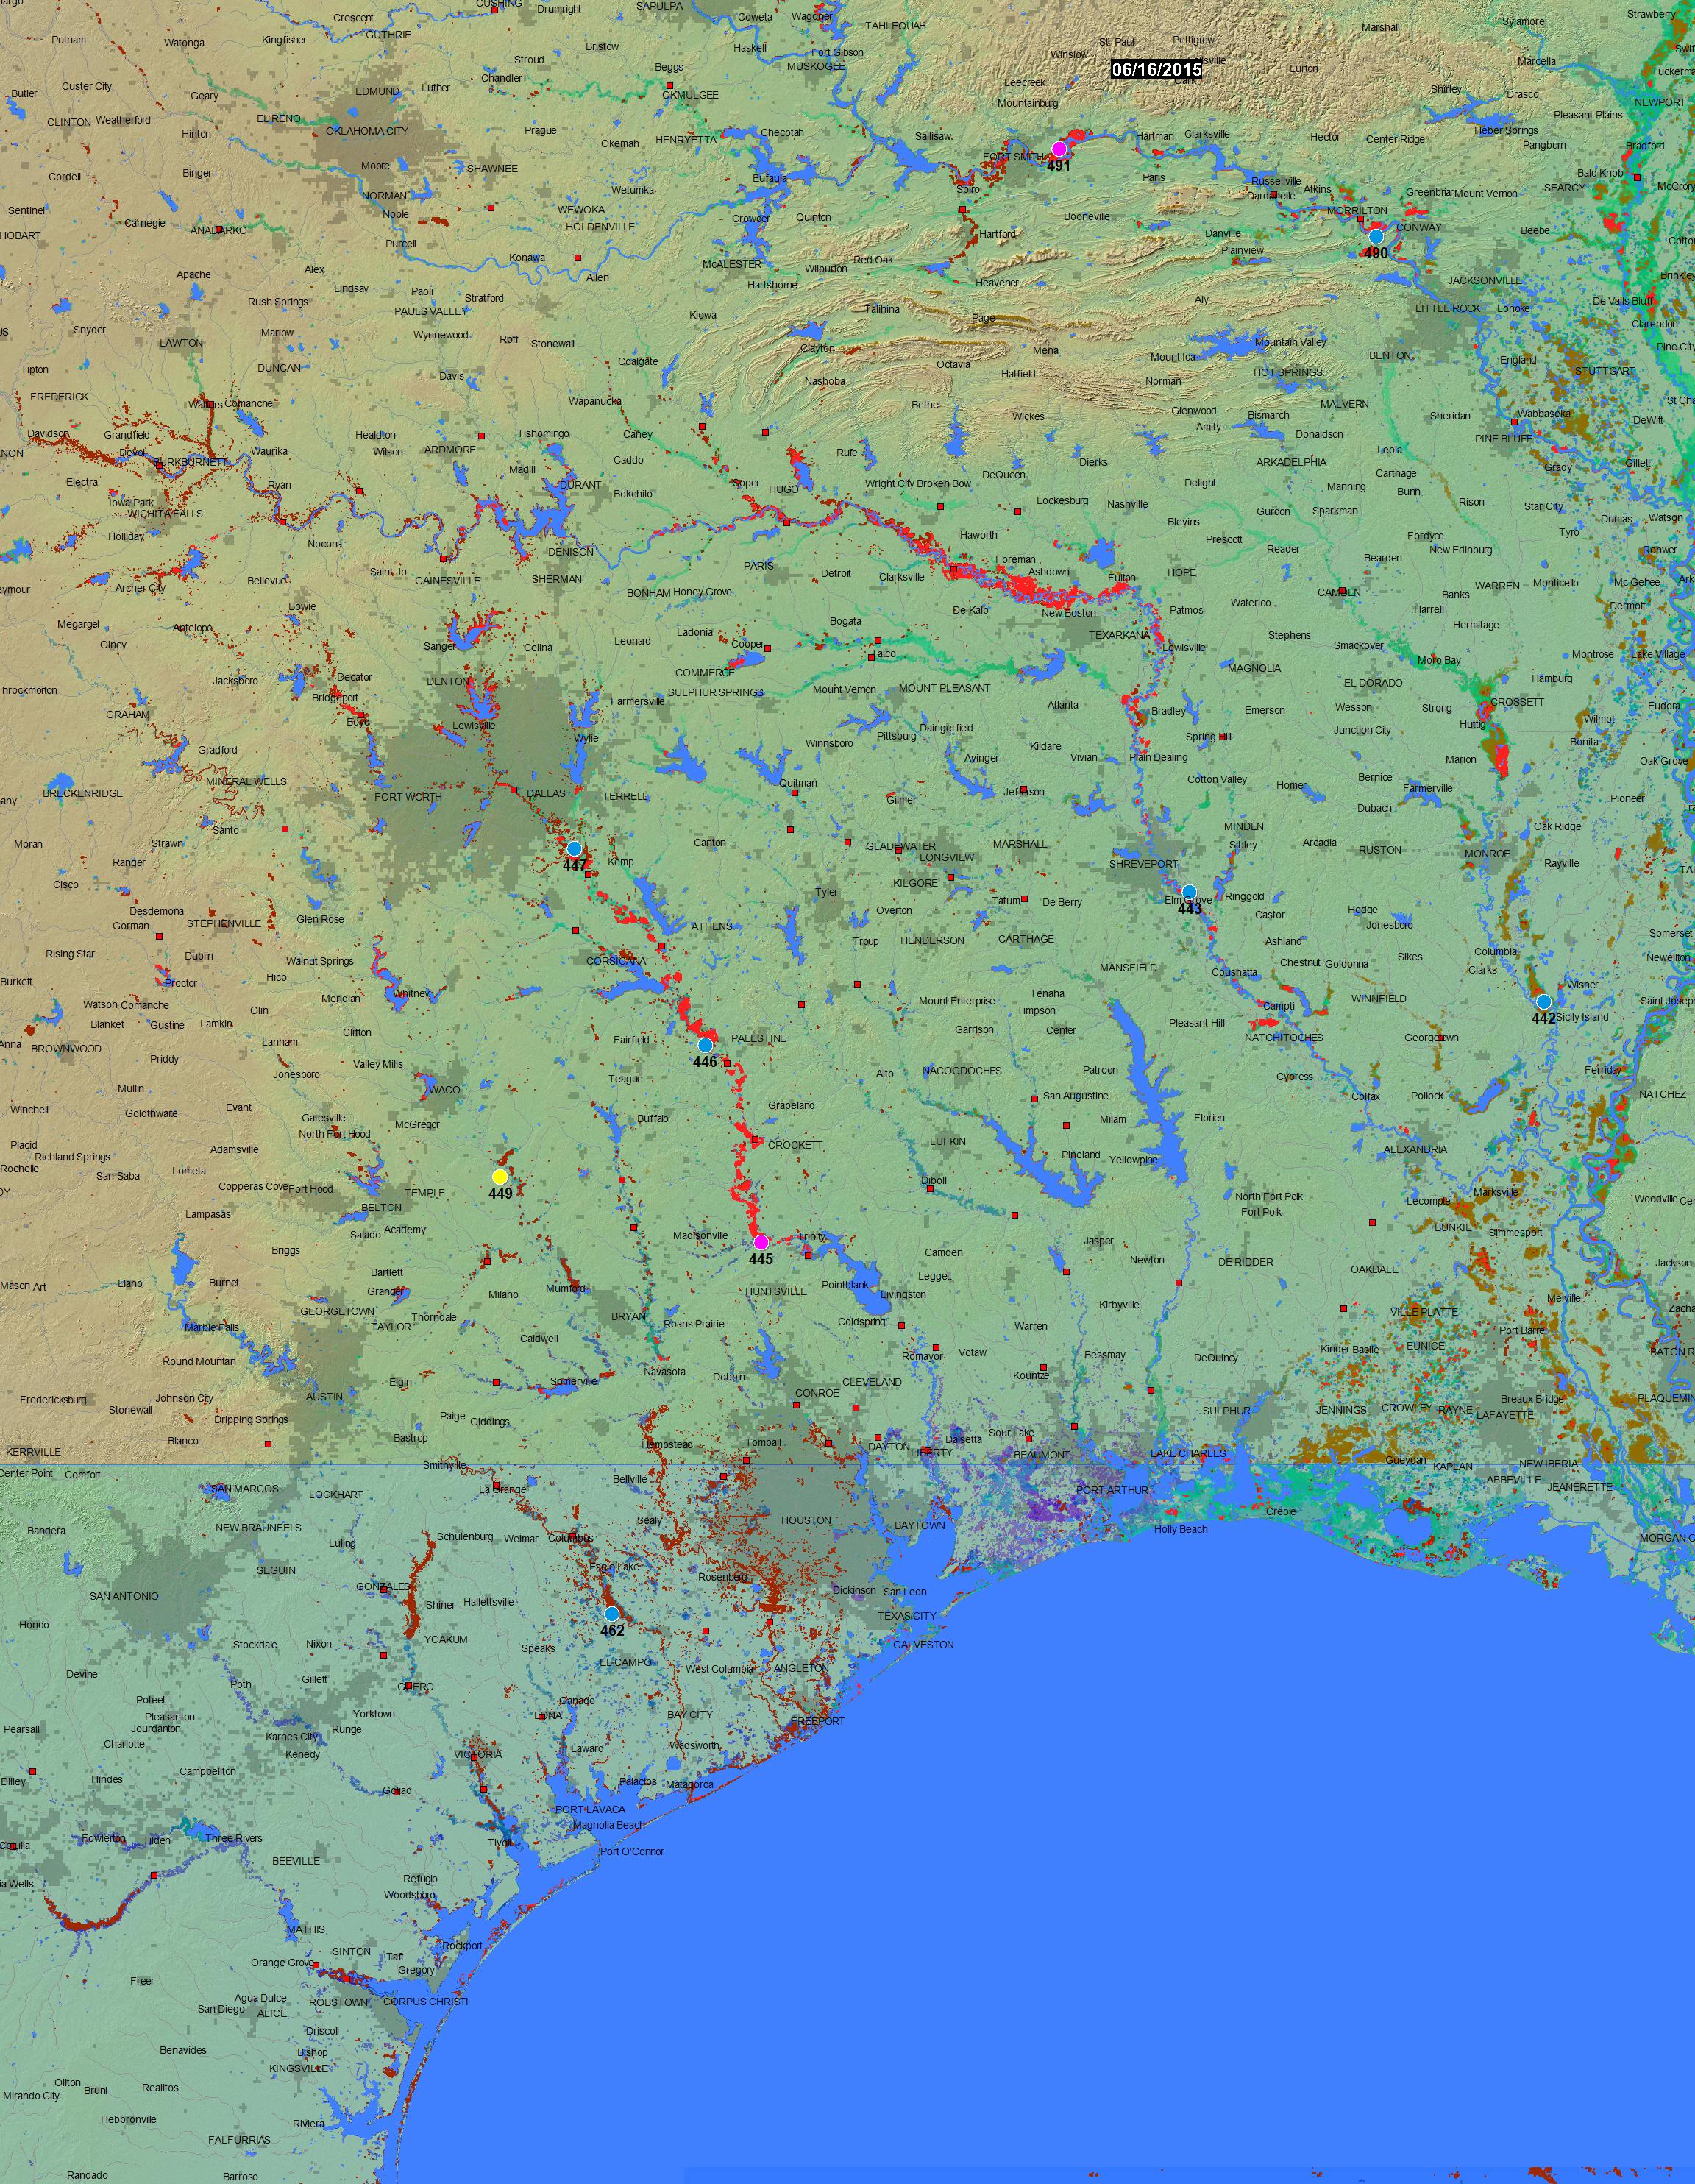 Texas Flood Map 2015 - Texas Flood Map